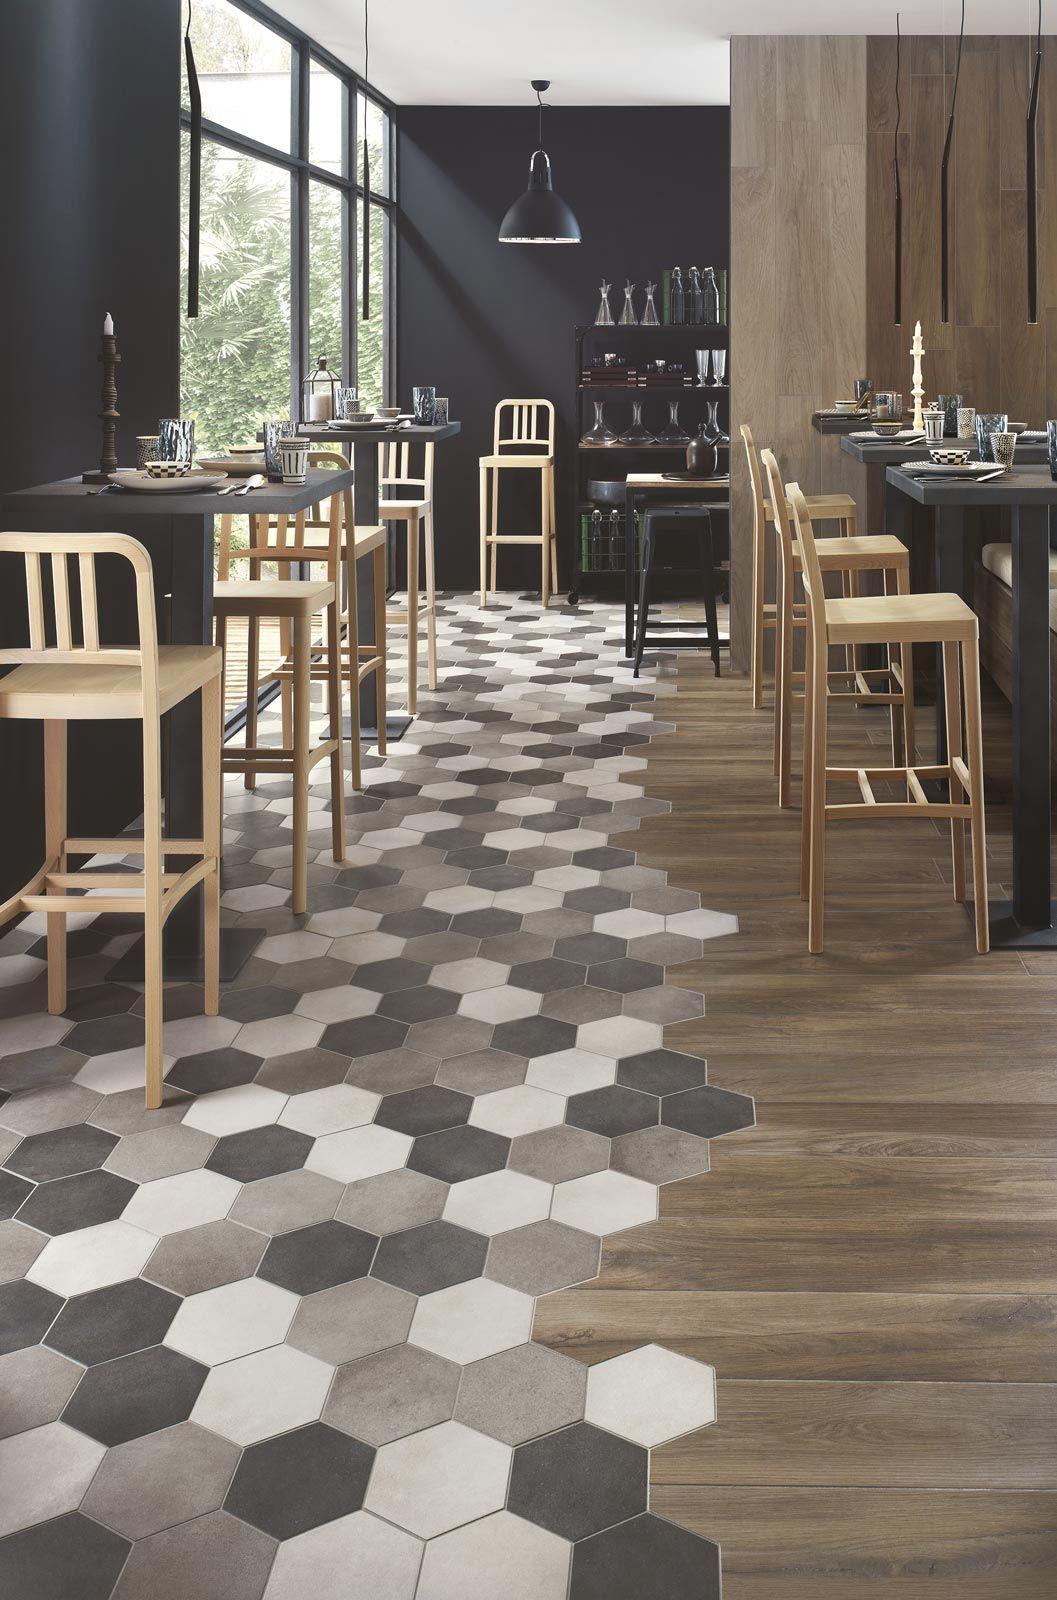 chaises de bar am nagement d coration pinterest chaises de bar bar et chaises. Black Bedroom Furniture Sets. Home Design Ideas